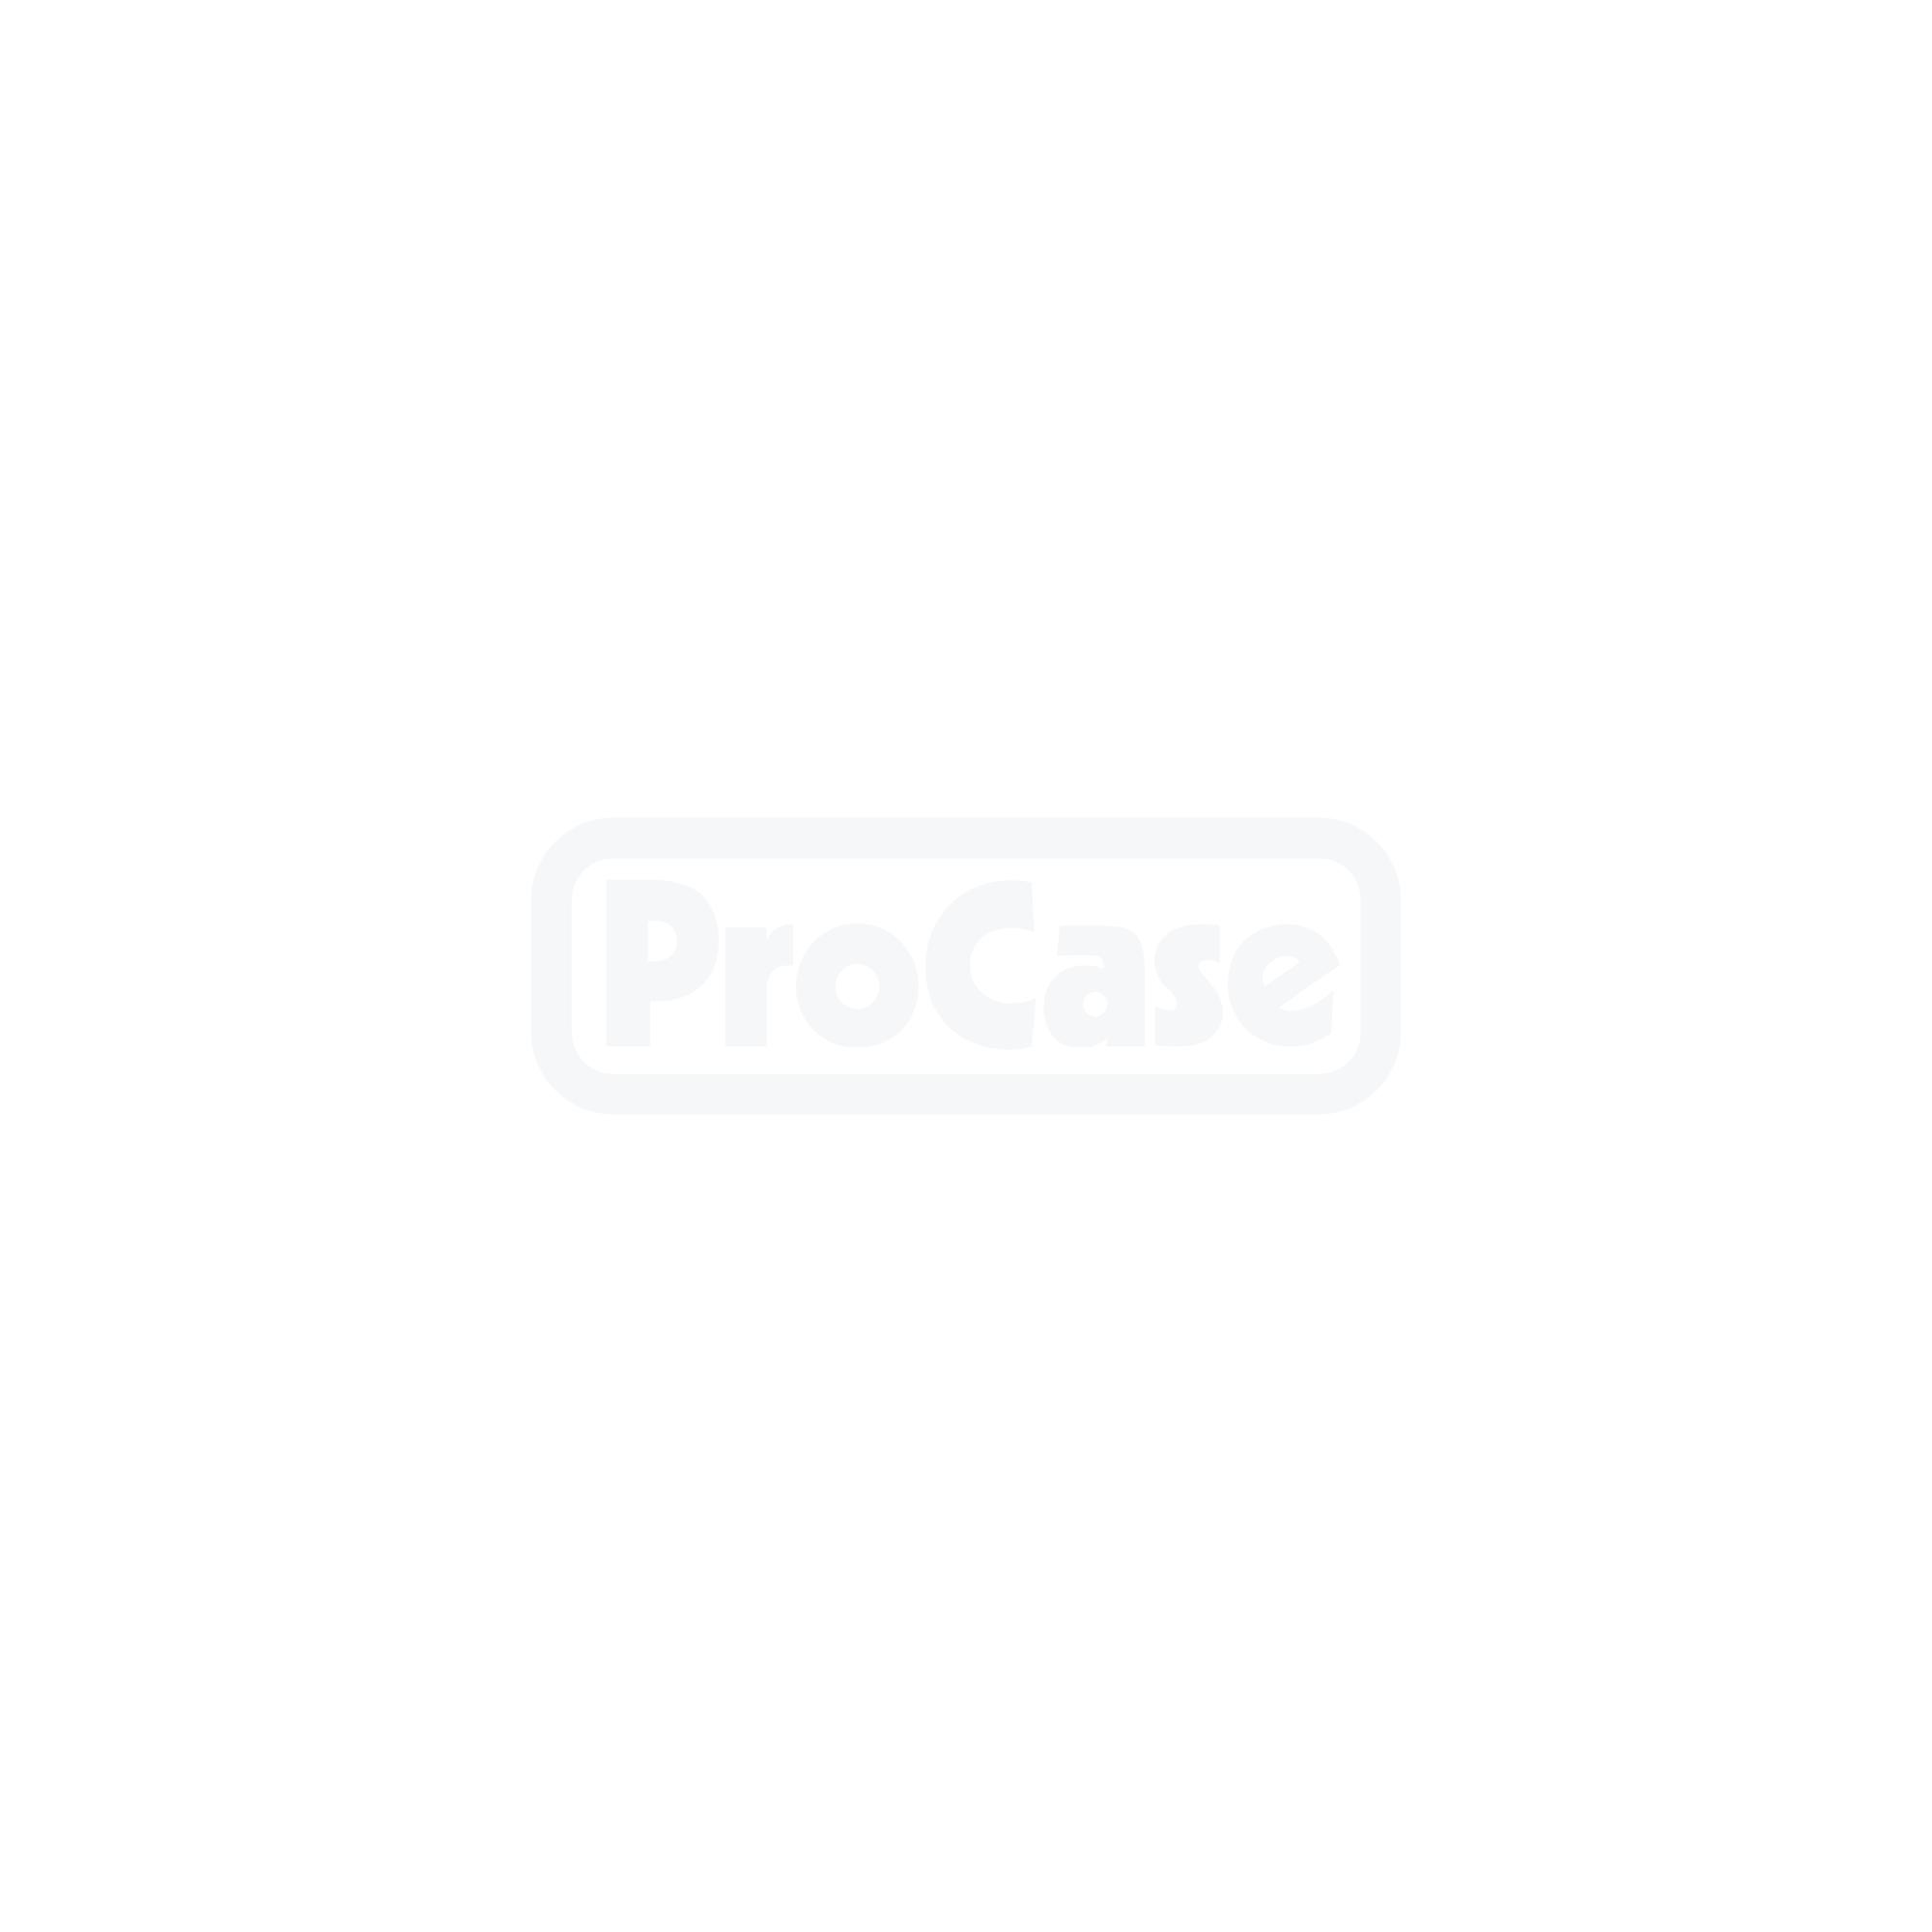 Flightcase für 4 Arri L7-C/T